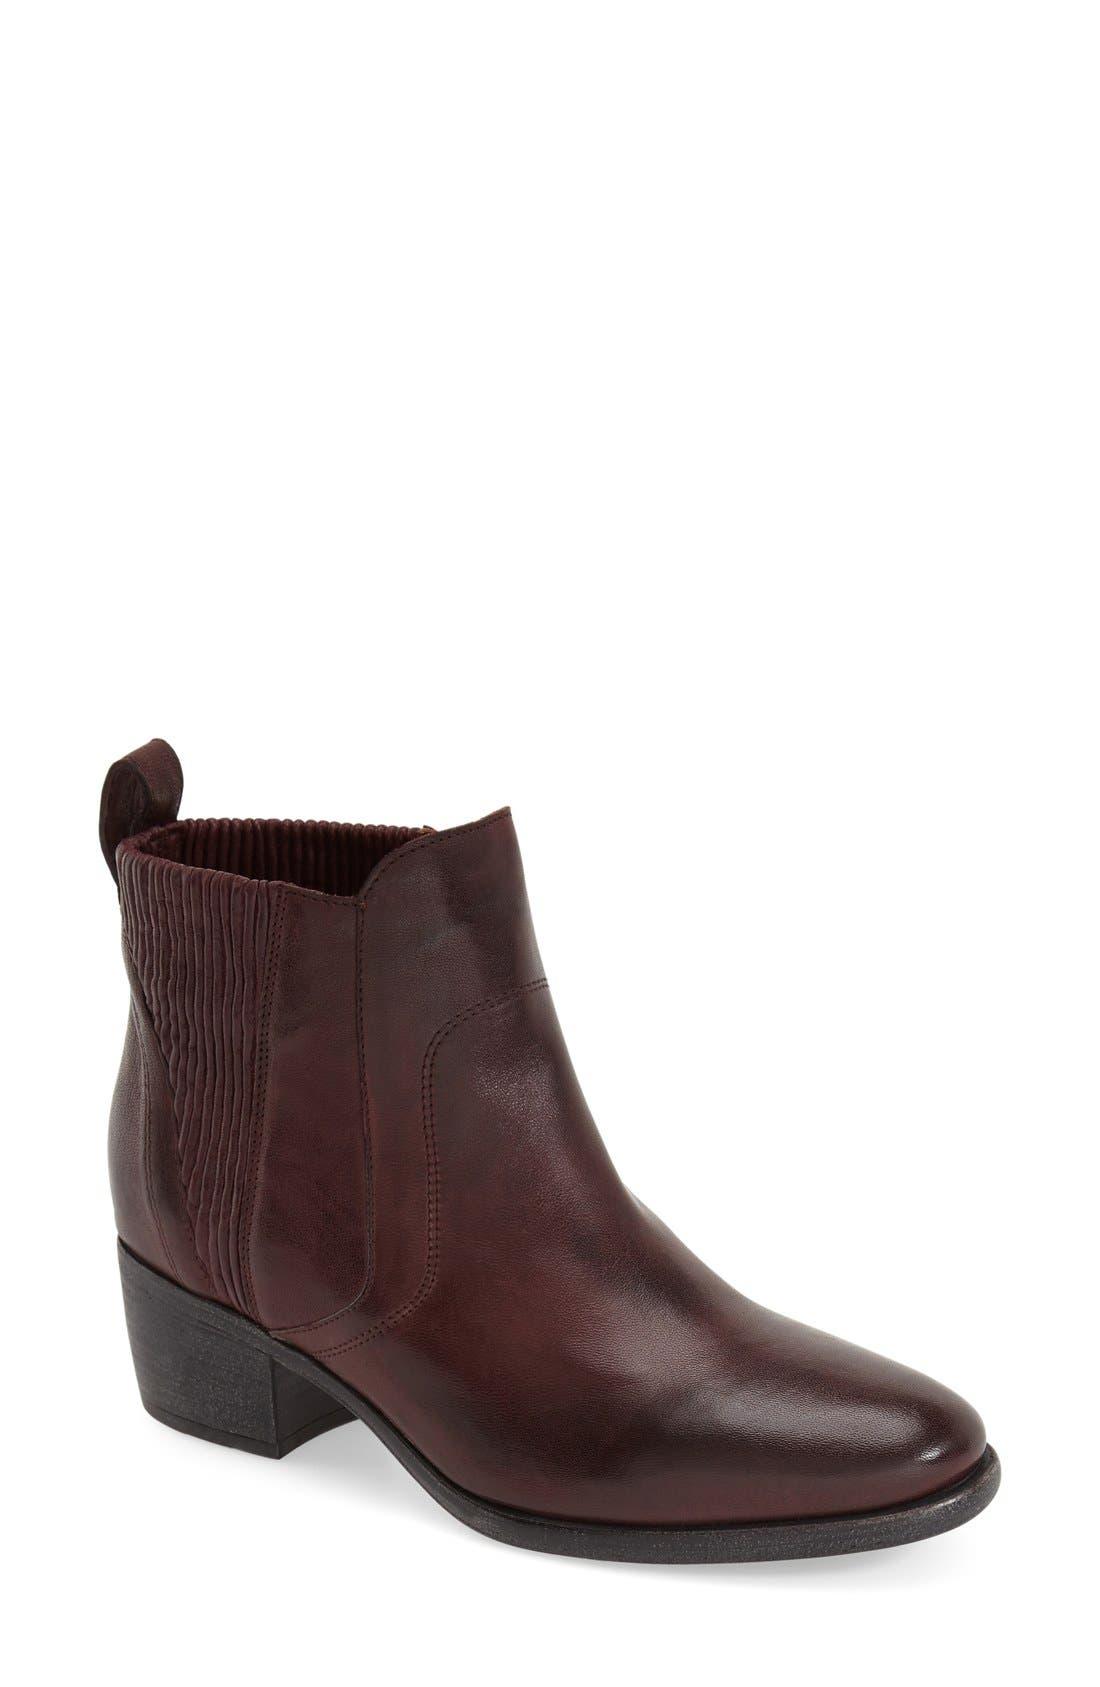 Main Image - UGG® Collection 'Felisa' Boot (Women)